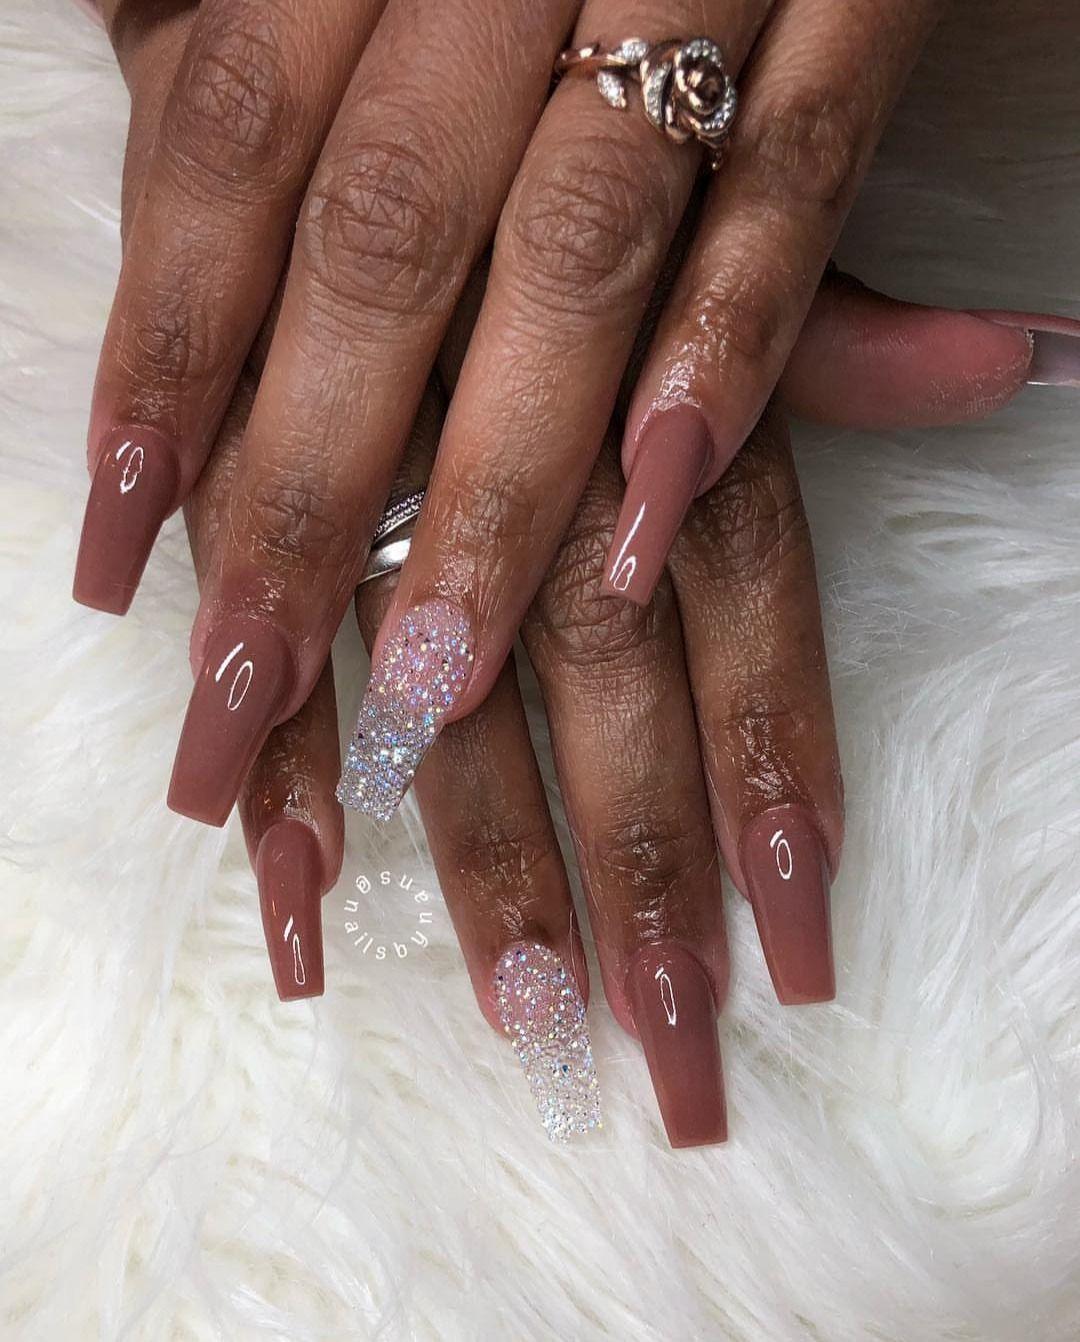 Nail Designs For Black Women : designs, black, women, Nails, Black, Women, Acrylic, Designs, Classy,, Classy, Designs,, Multicolored